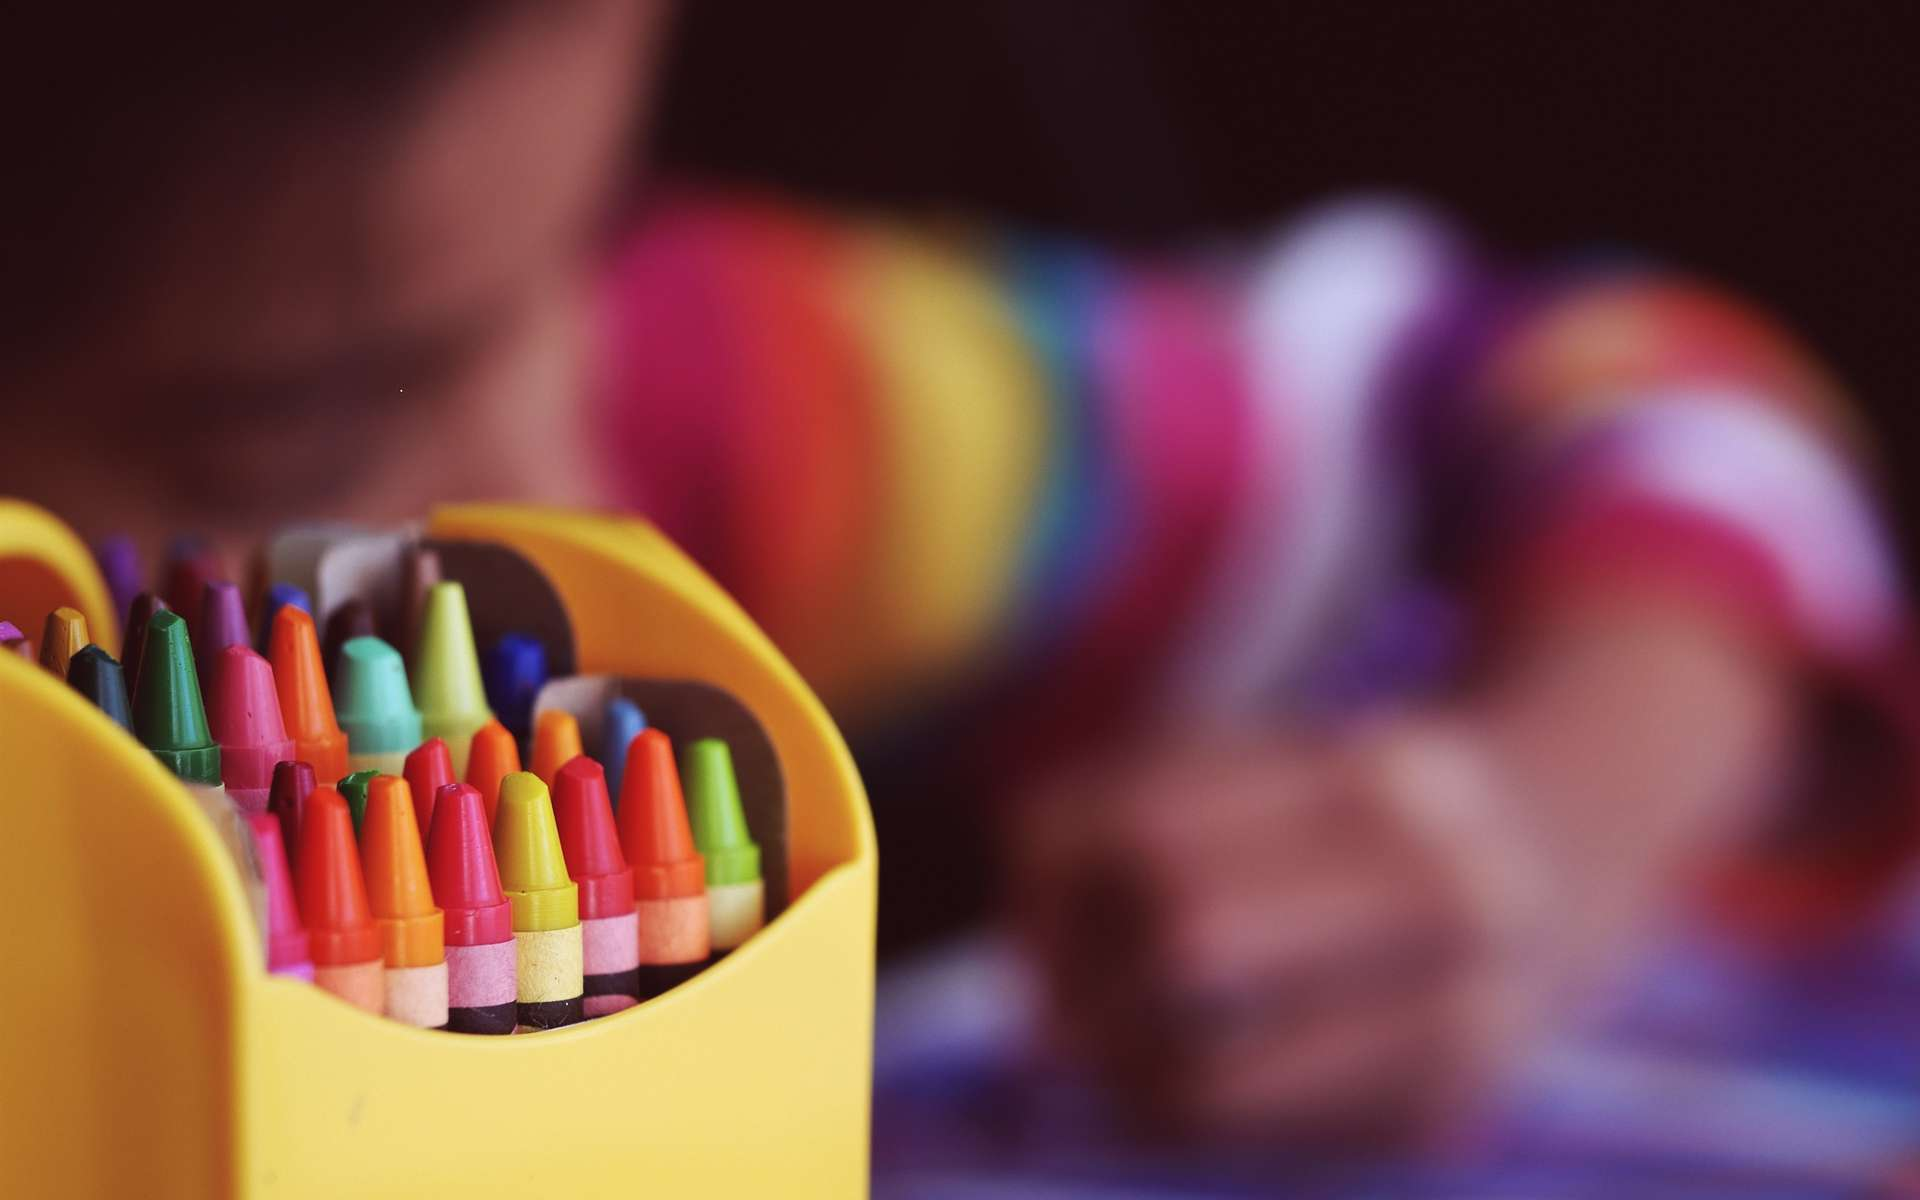 Bon plan rentrée : les meilleures offres pour préparer la rentrée scolaire chez Cdiscount © Aaron Burden, Unsplash